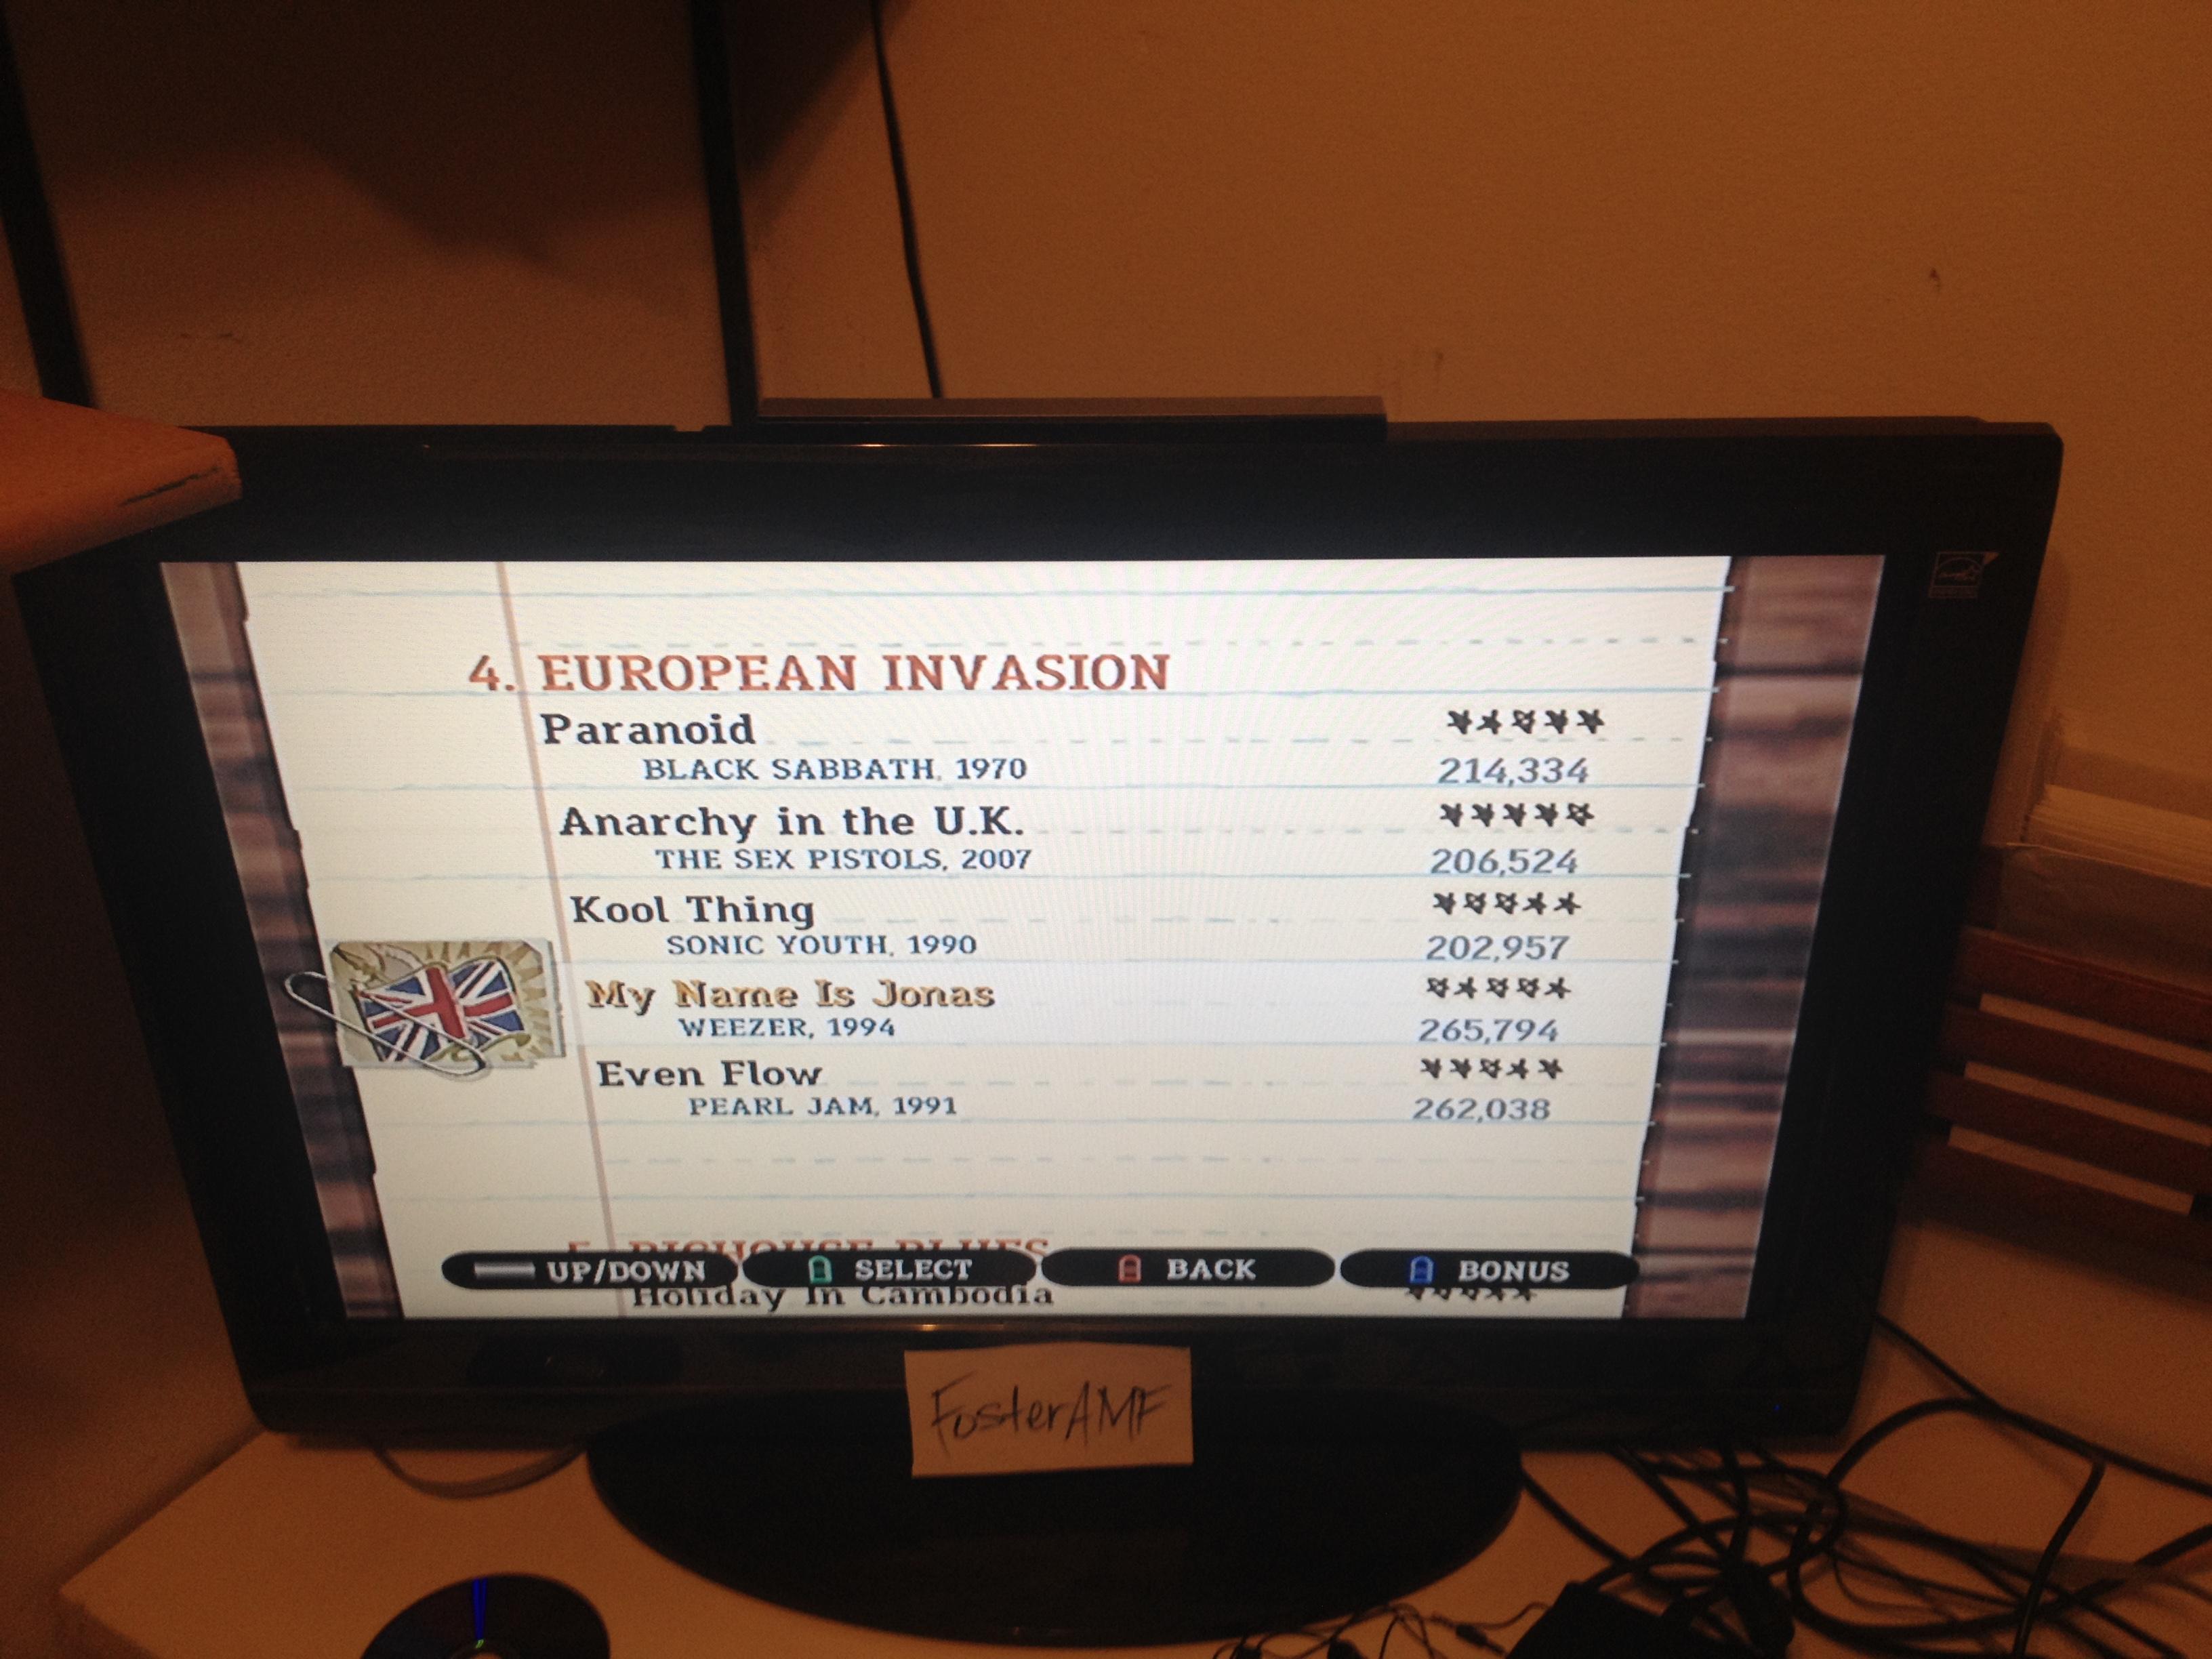 """FosterAMF: Guitar Hero III: Legends of Rock: """"Even Flow"""" [Expert] (Wii) 262,038 points on 2015-04-18 23:43:04"""